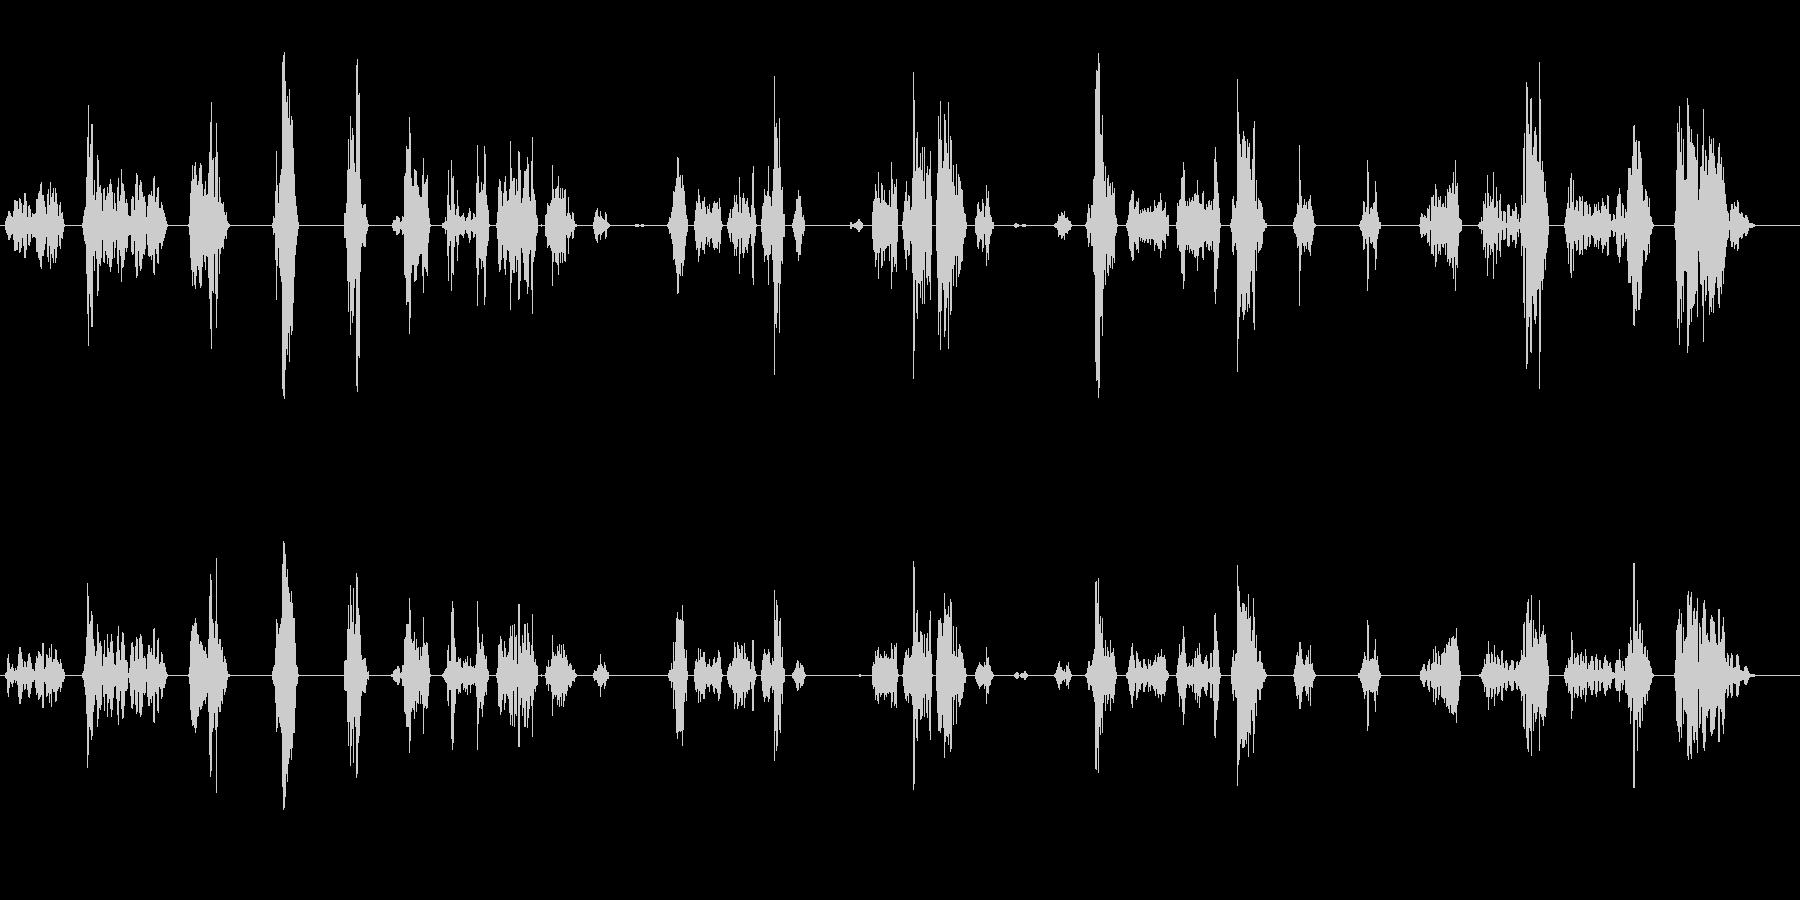 ゲームのスライムが動く時の音の未再生の波形